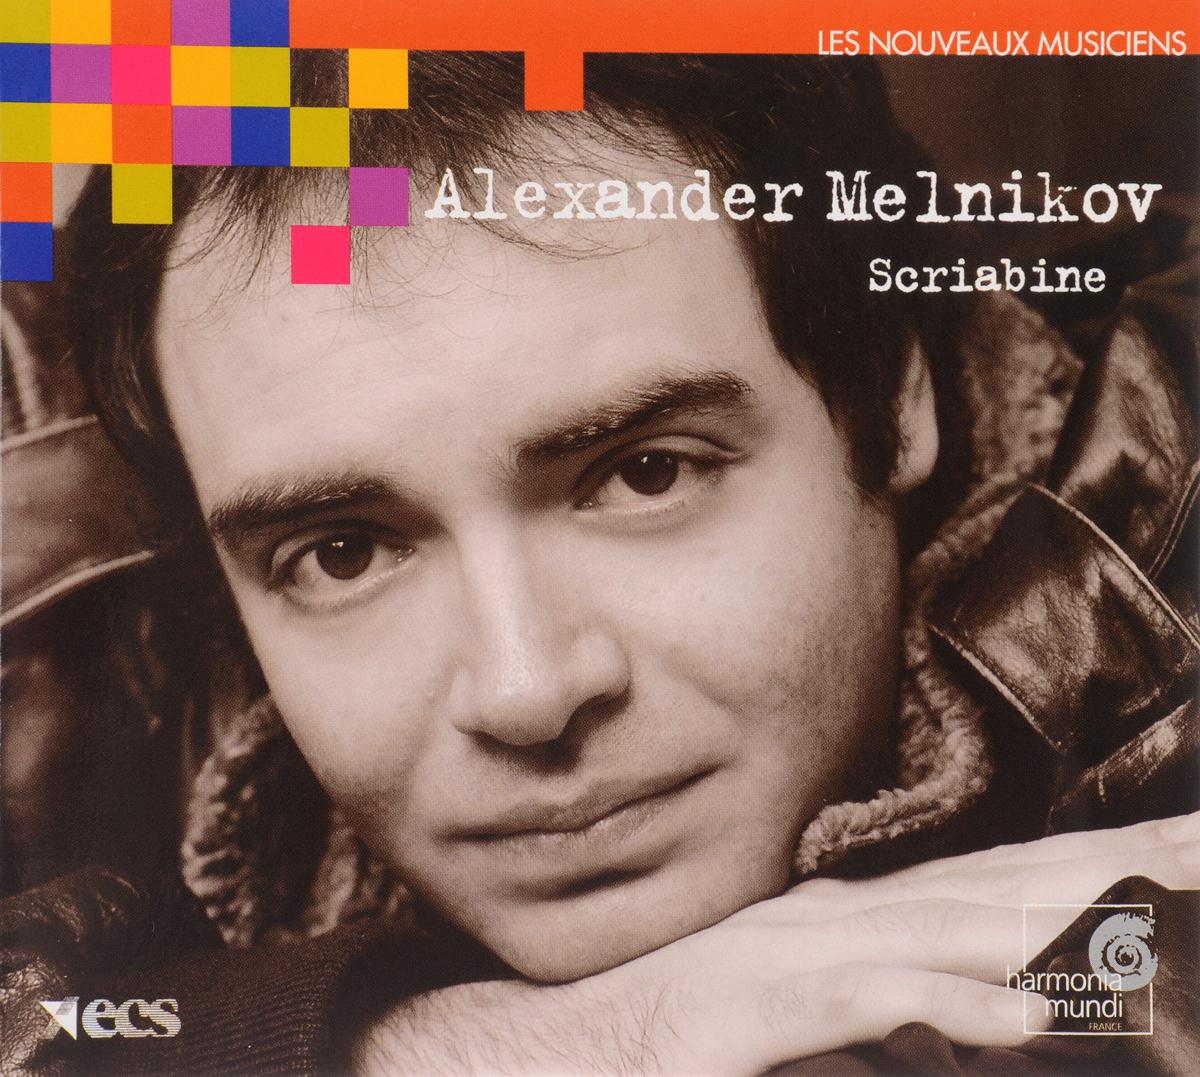 Исполнитель: VARIOUSАльбом: SCRIABIN, A. /OP.11, 19, 23, 28, 32, 45, 56, 57 & 74/ALEXANDER MELNIKOV, PIANOПроизводитель: HMN - LES NOUVEAUX MUSICIENS